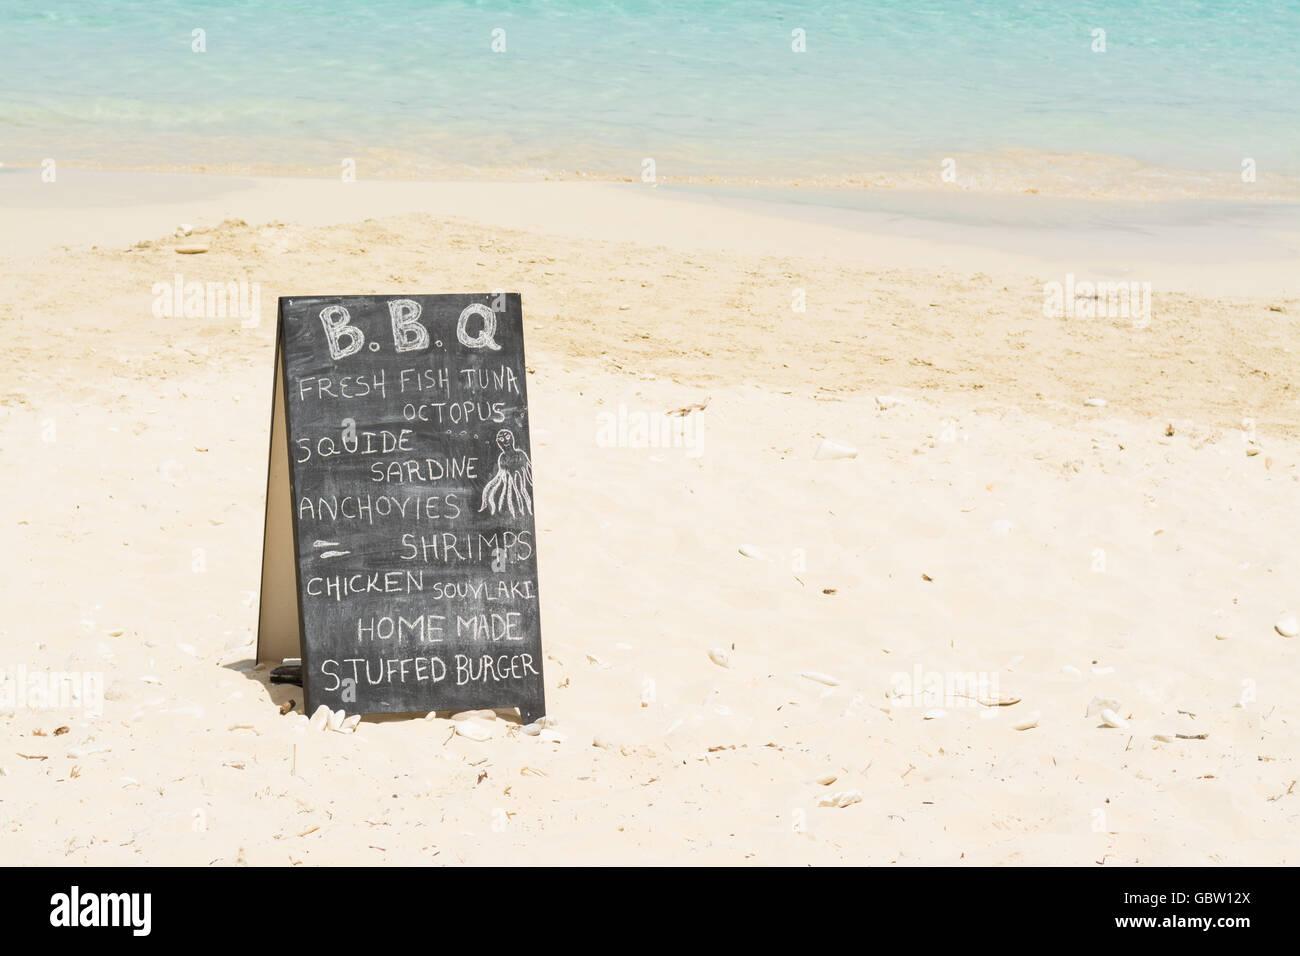 Zeichen der Beach BBQ am Strand in Antipaxos, Griechenland Stockbild